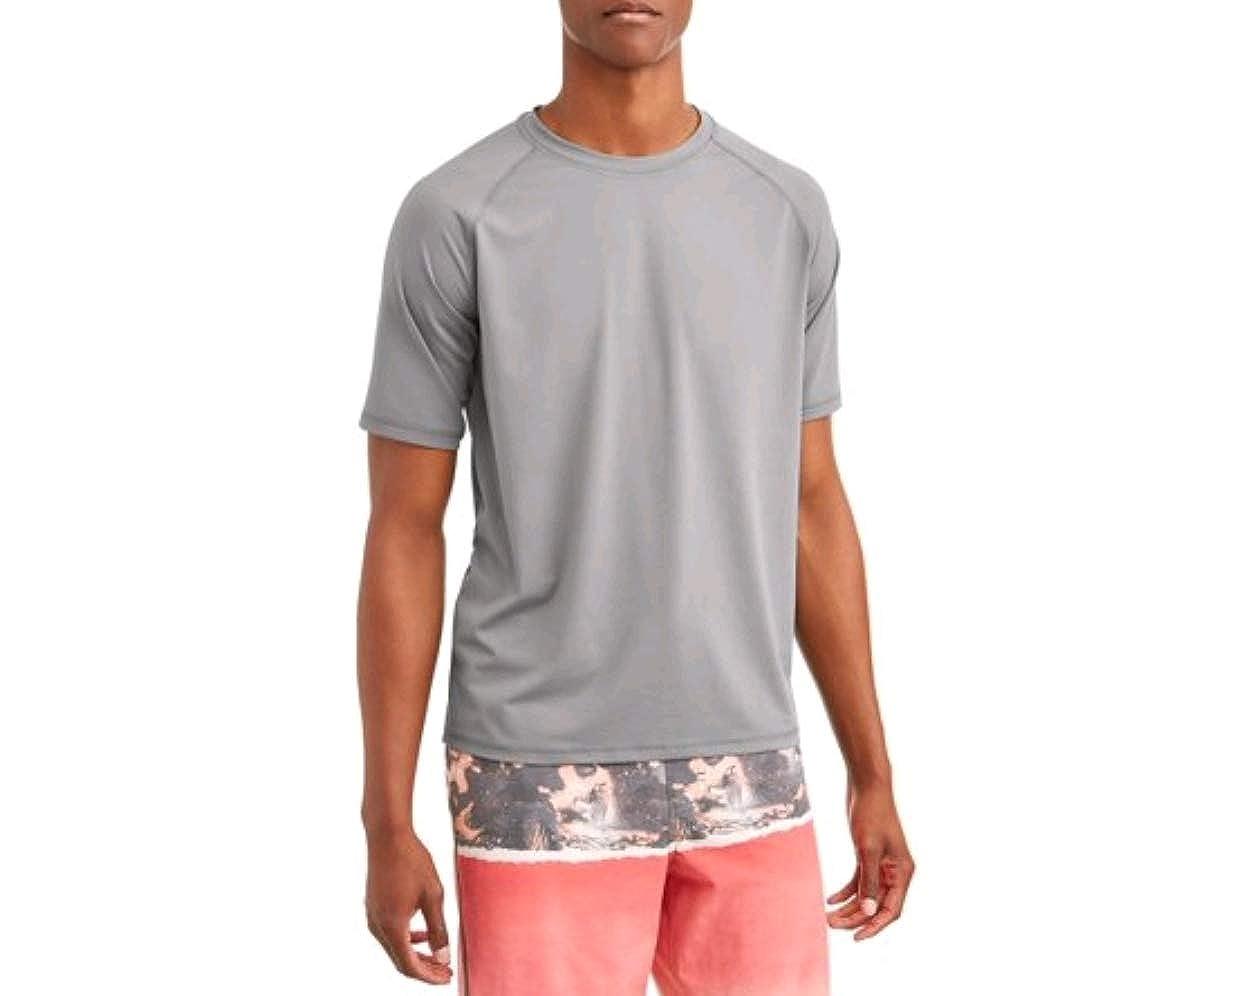 George Mens Short Sleeve Rash Guard Shirt